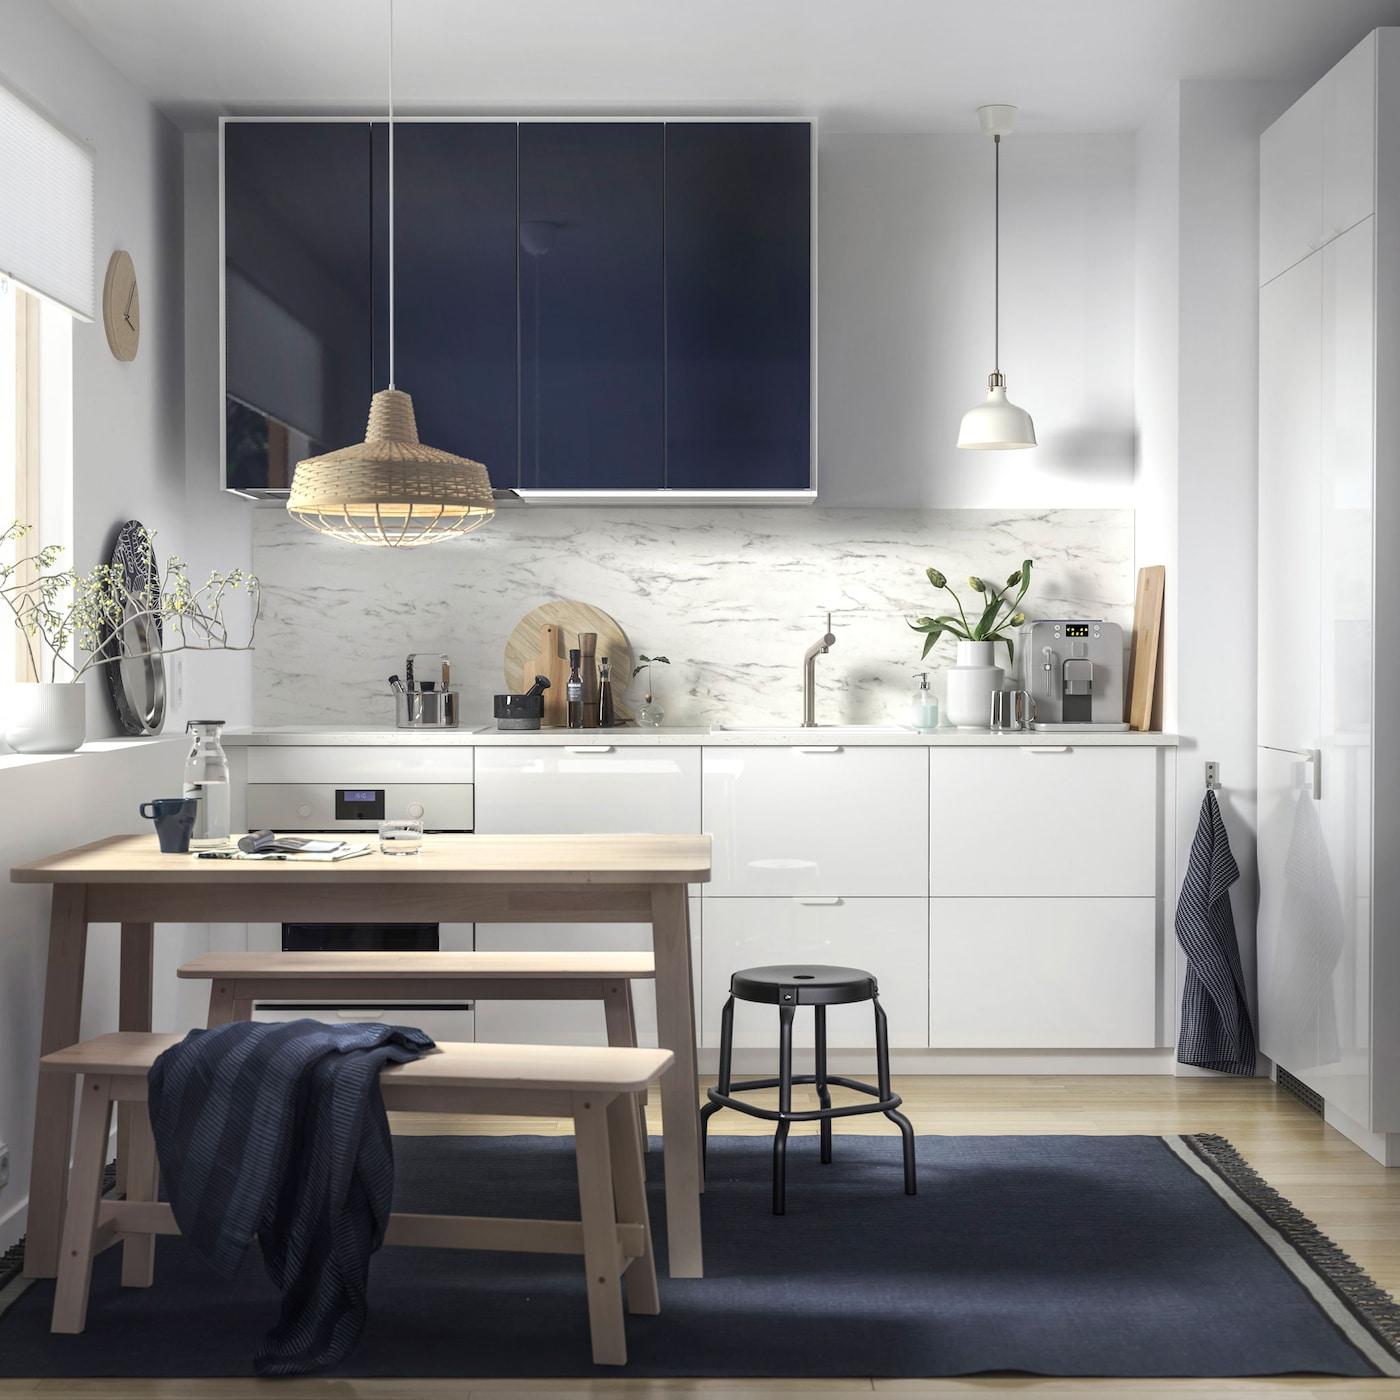 Egal, Wie Klein Die Küche Ist, IKEA JÄRSTA Tür Hochglanz Schwarzblau Und  IKEA RINGHULT